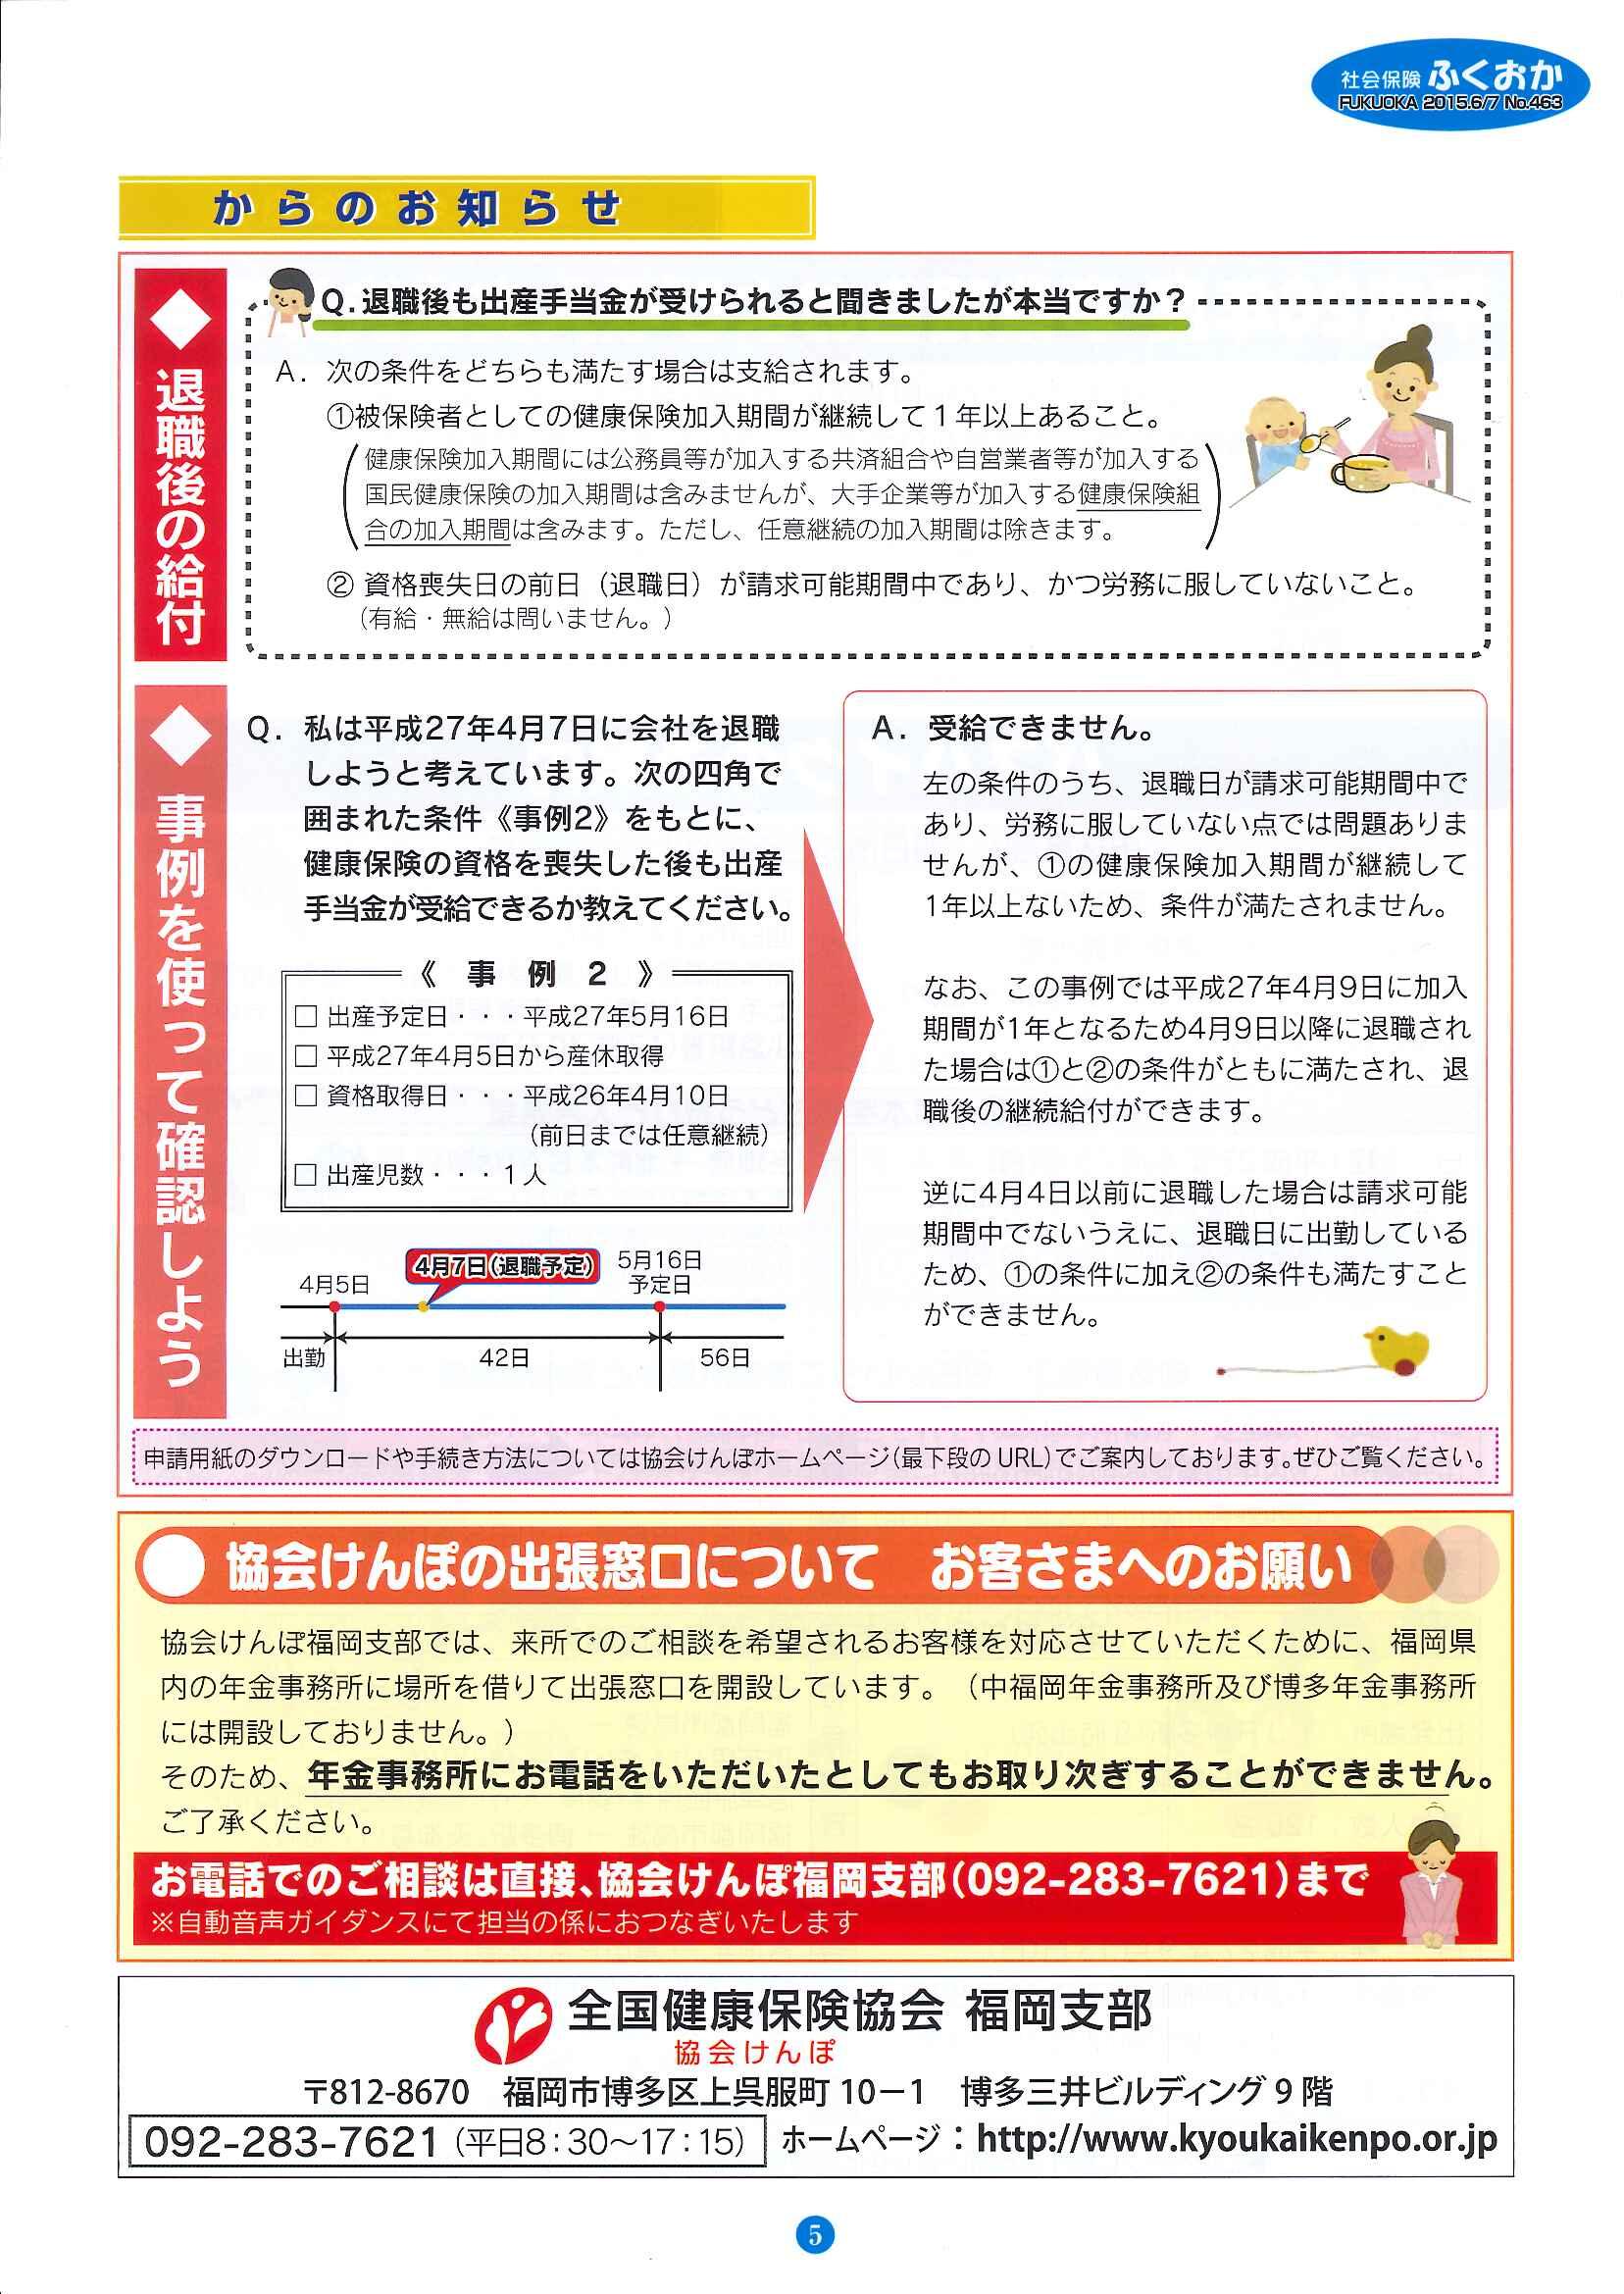 社会保険 ふくおか 2015年6・7月号_f0120774_1581441.jpg